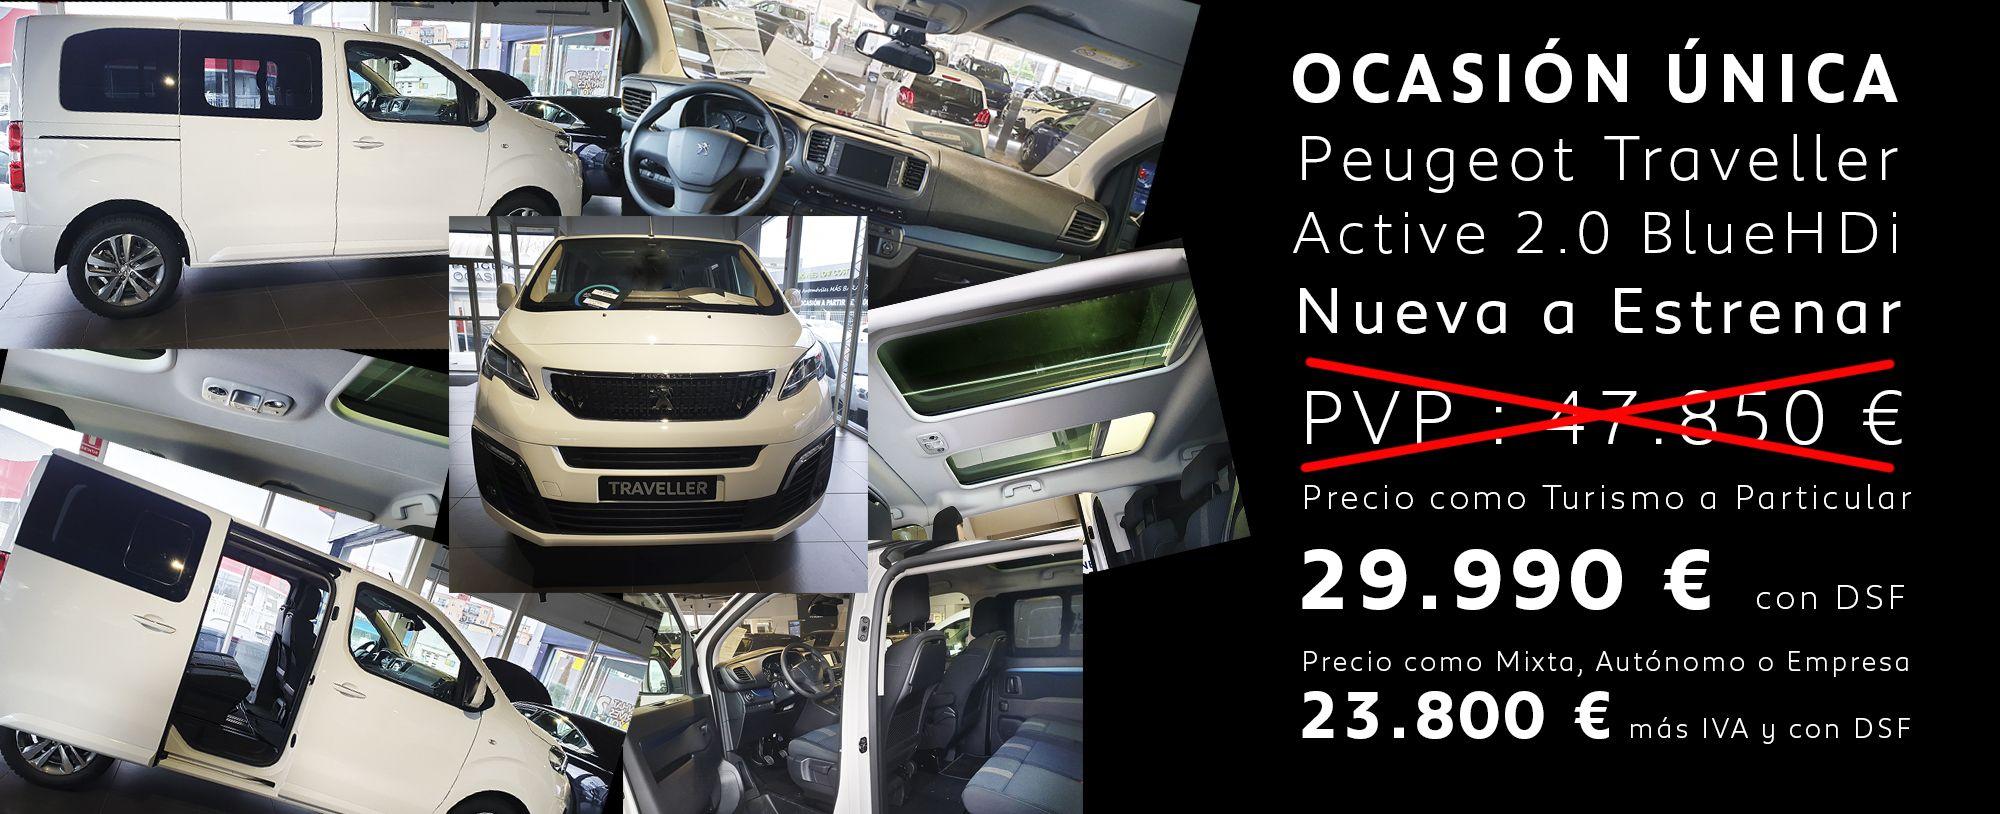 OCASIÓN ÚNICA Peugeot Traveller Active 2.0 BlueHDi Nueva a Estrenar 23.800 € más IVA y con DSF